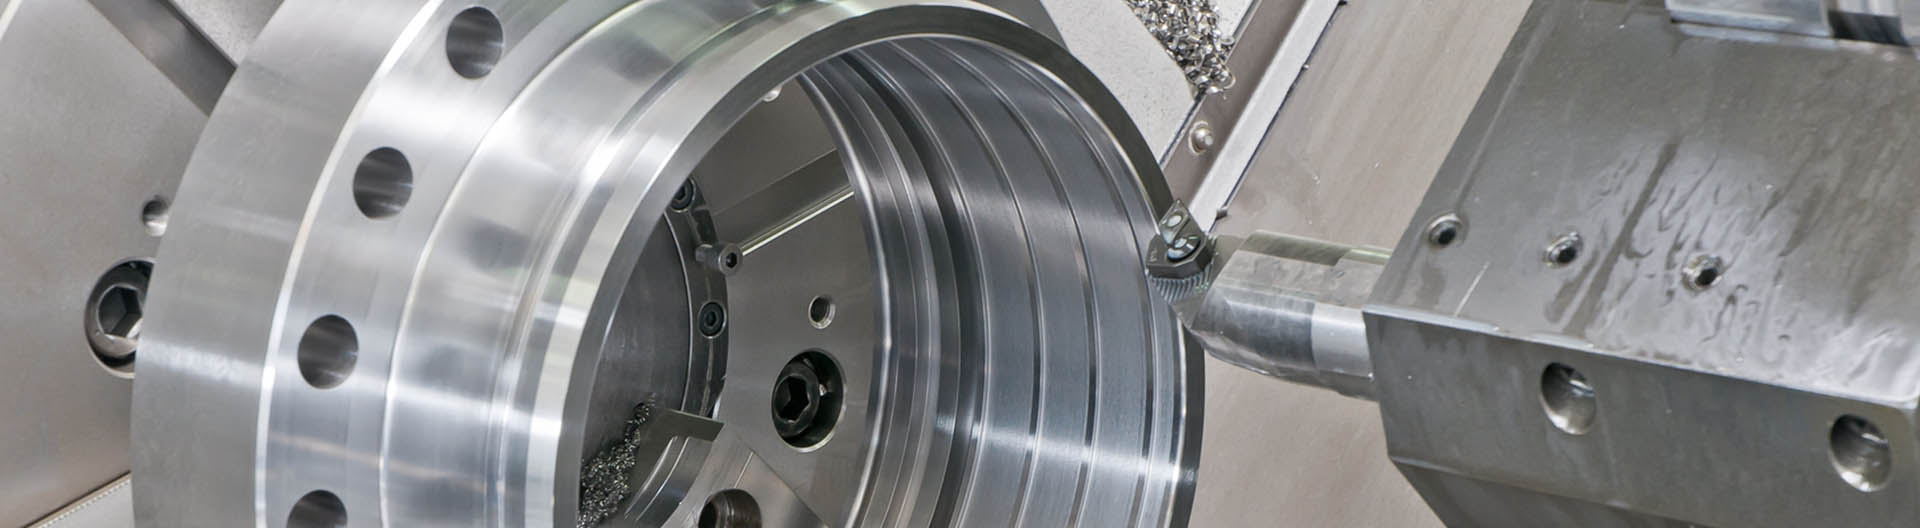 Officina meccanica di precisione Casorezzo Milano